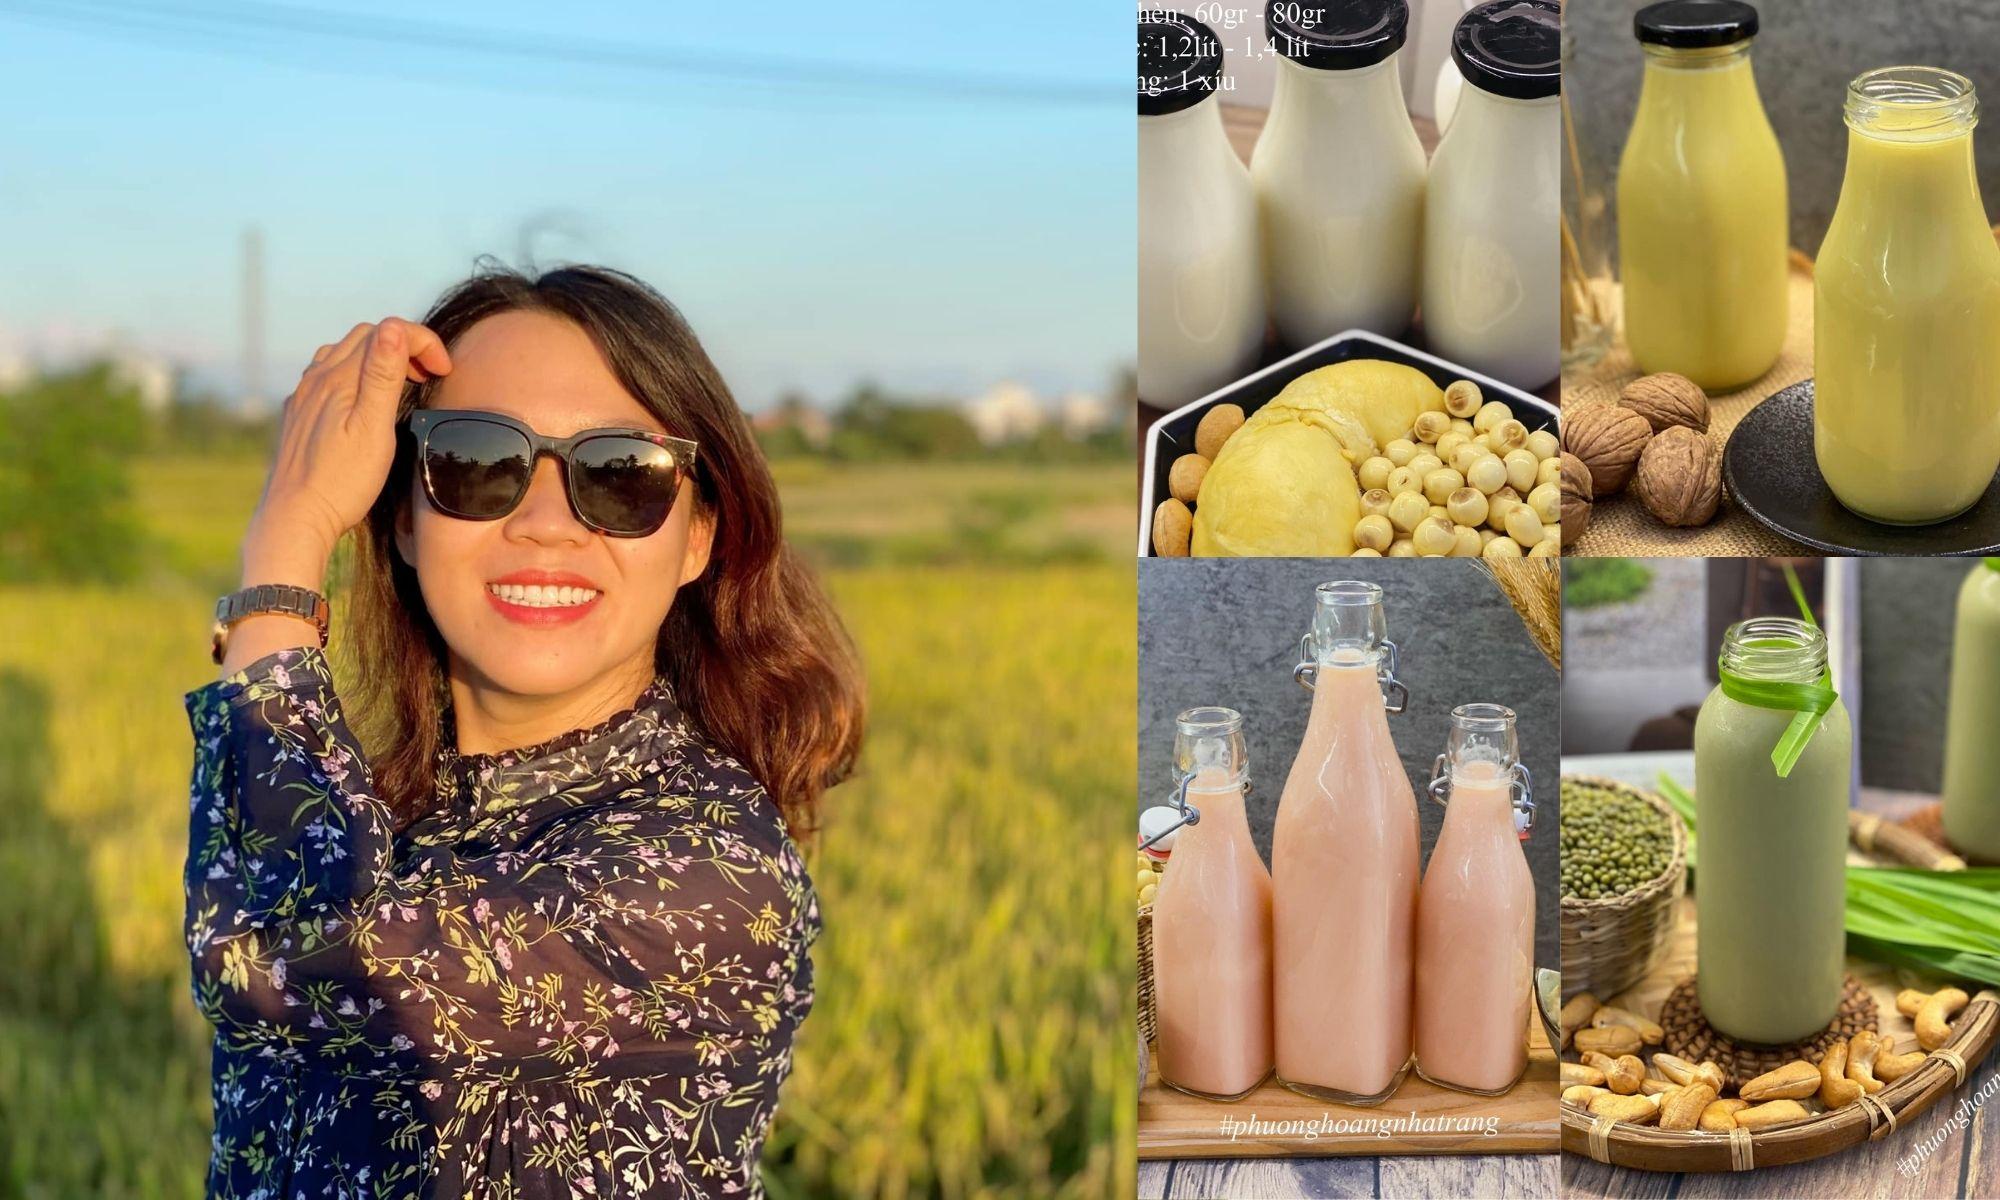 8x xinh đẹp, khéo tay trổ tài làm đủ món sữa hạt thơm ngon cho cả gia đình